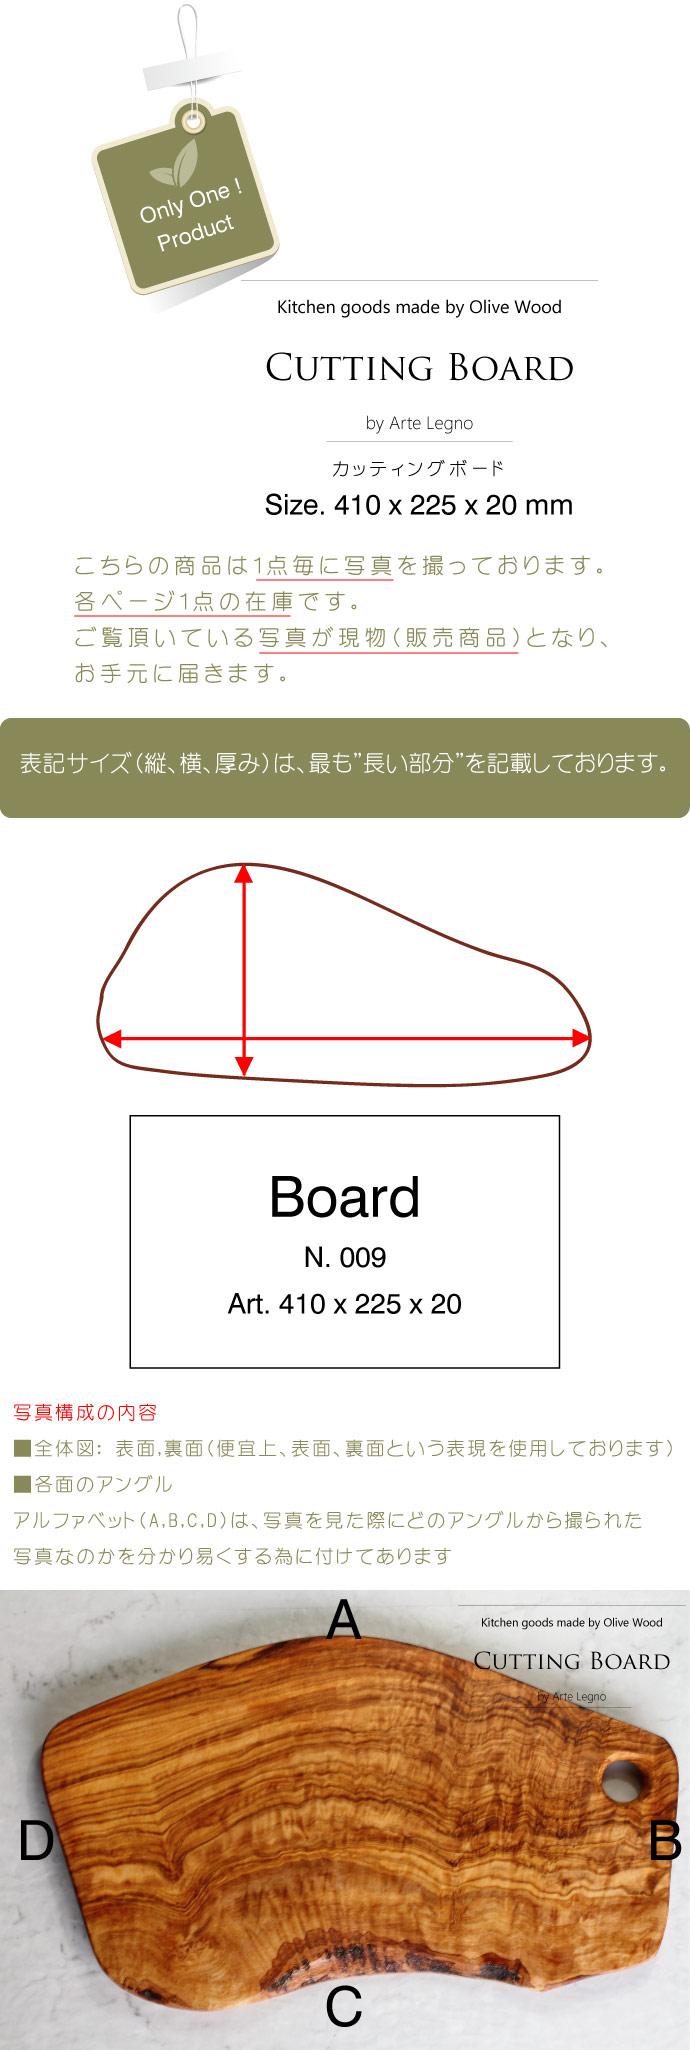 カッティングボード No.9 アルテレニョ社 イタリア製 (Italian Cutting Board made by Arte Legno Olive Wood) タイトル